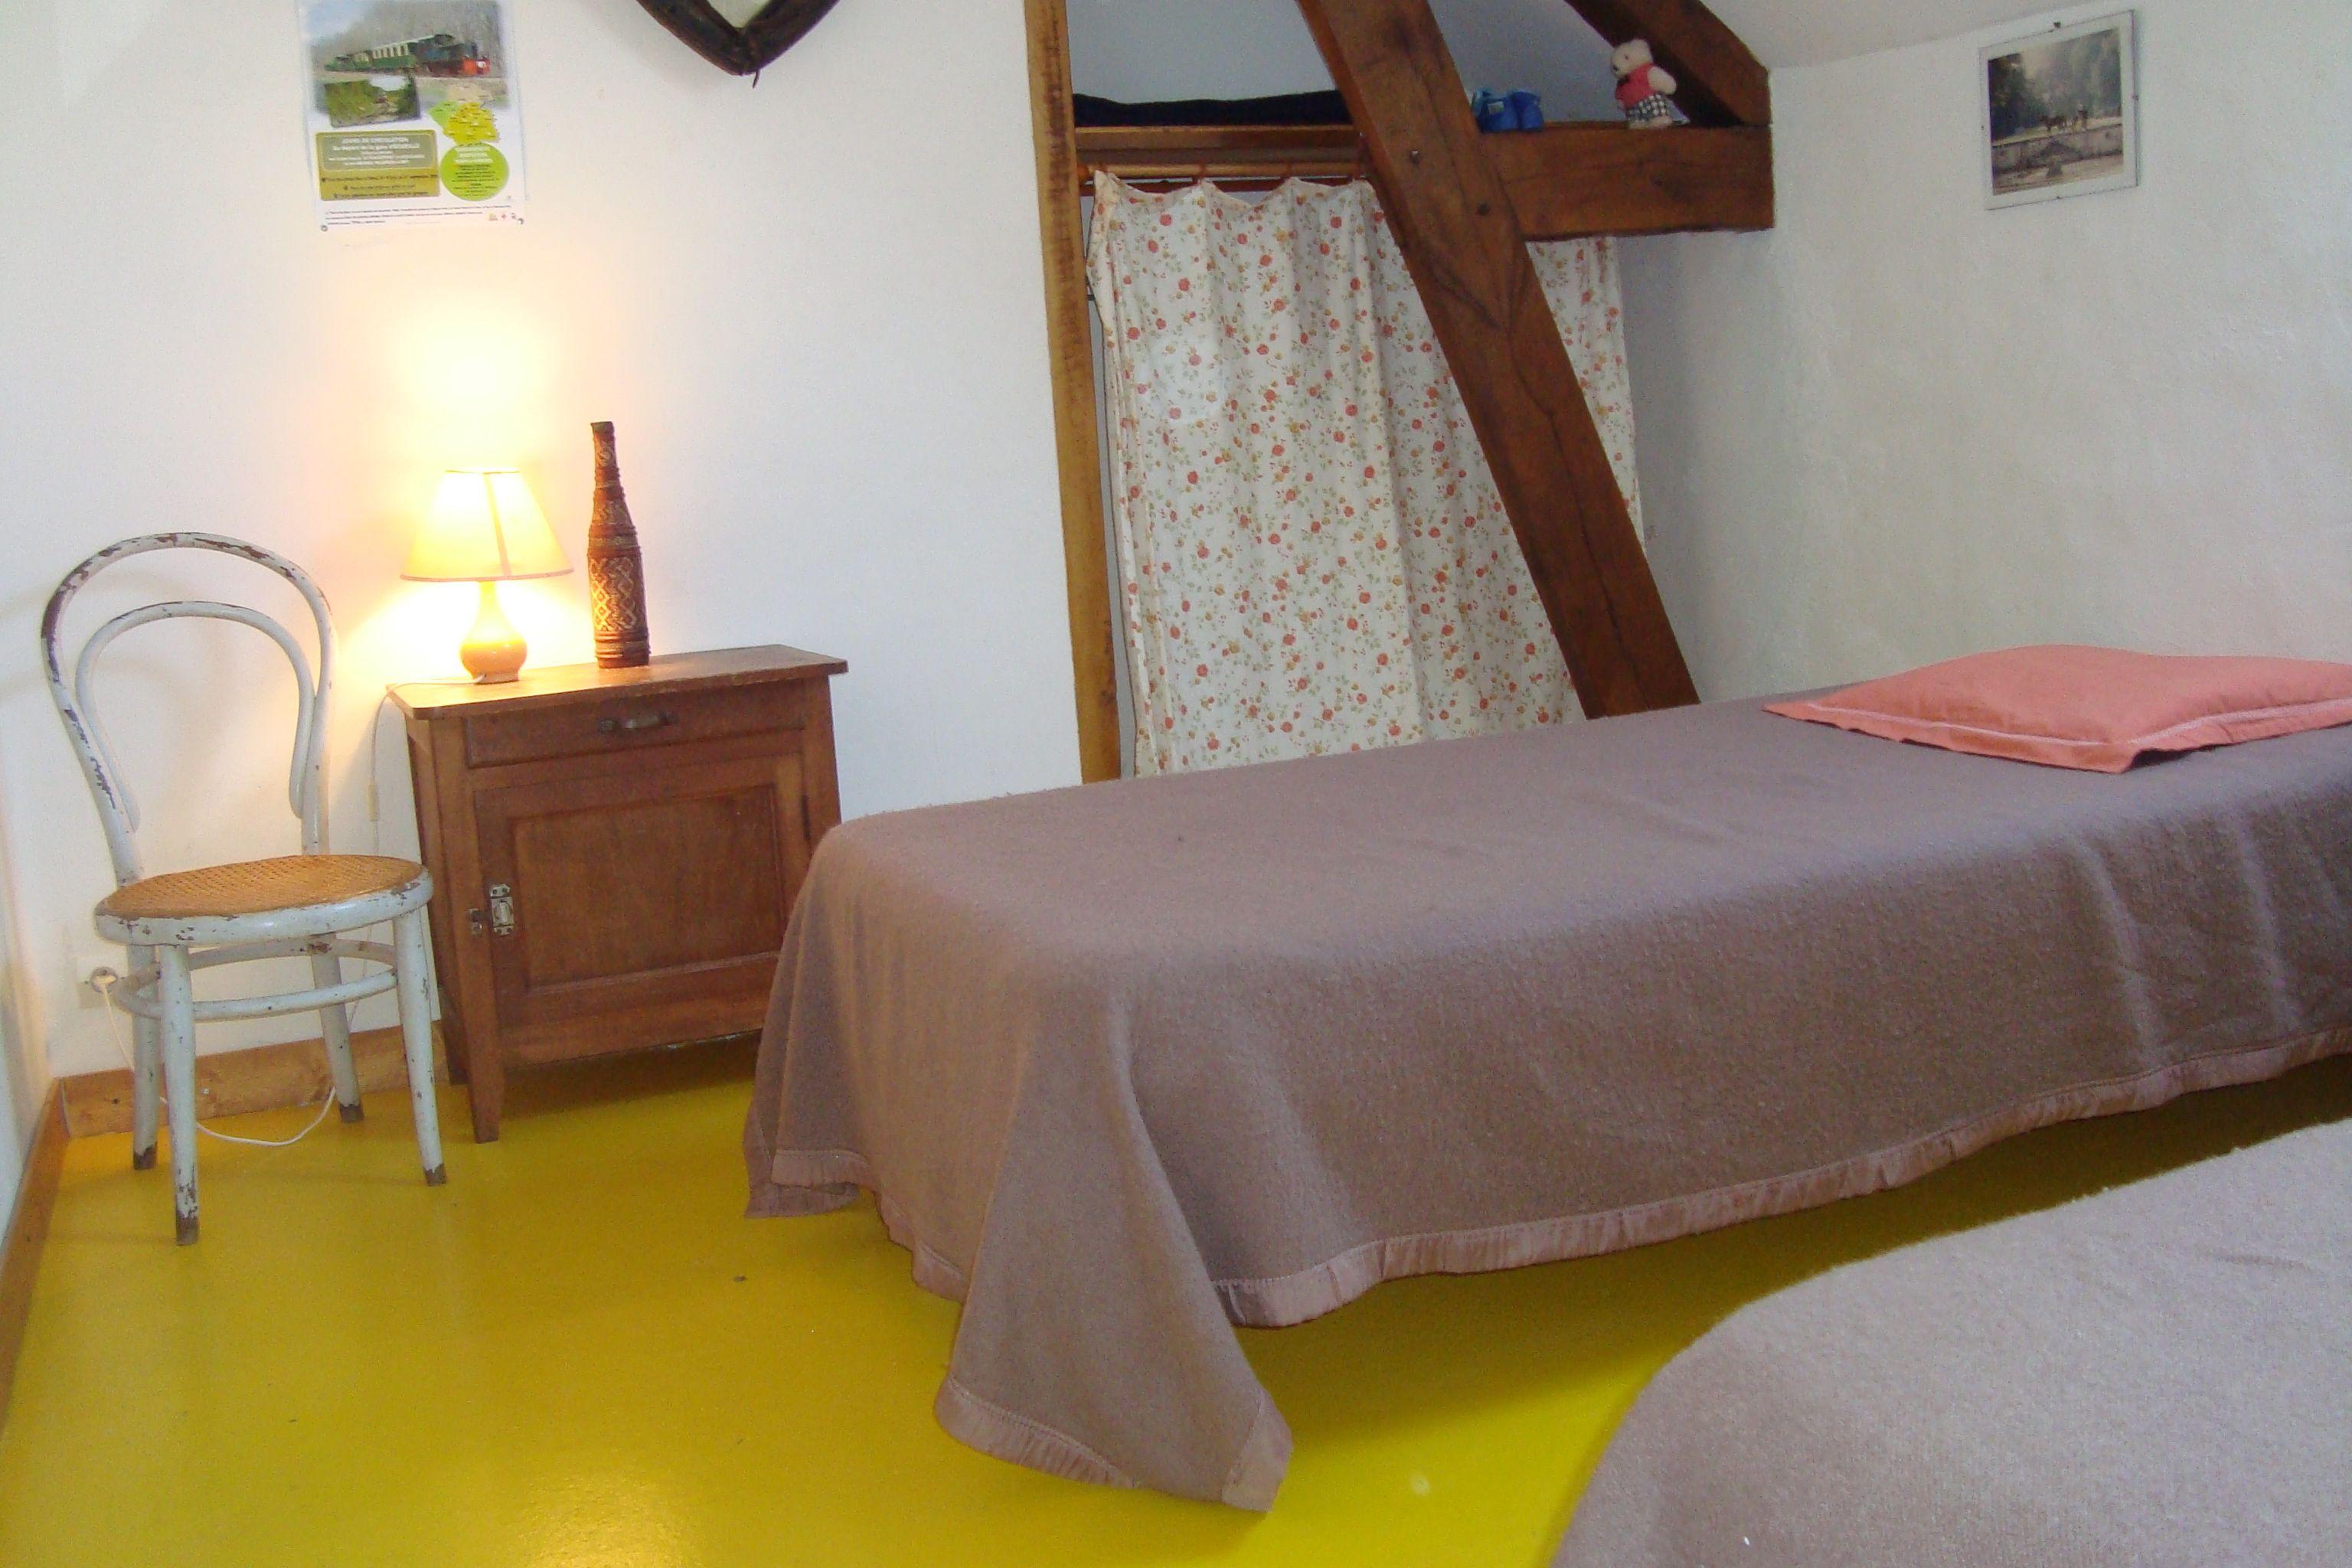 Chambre le Collier, 2 lits, velux, penderie, étagères